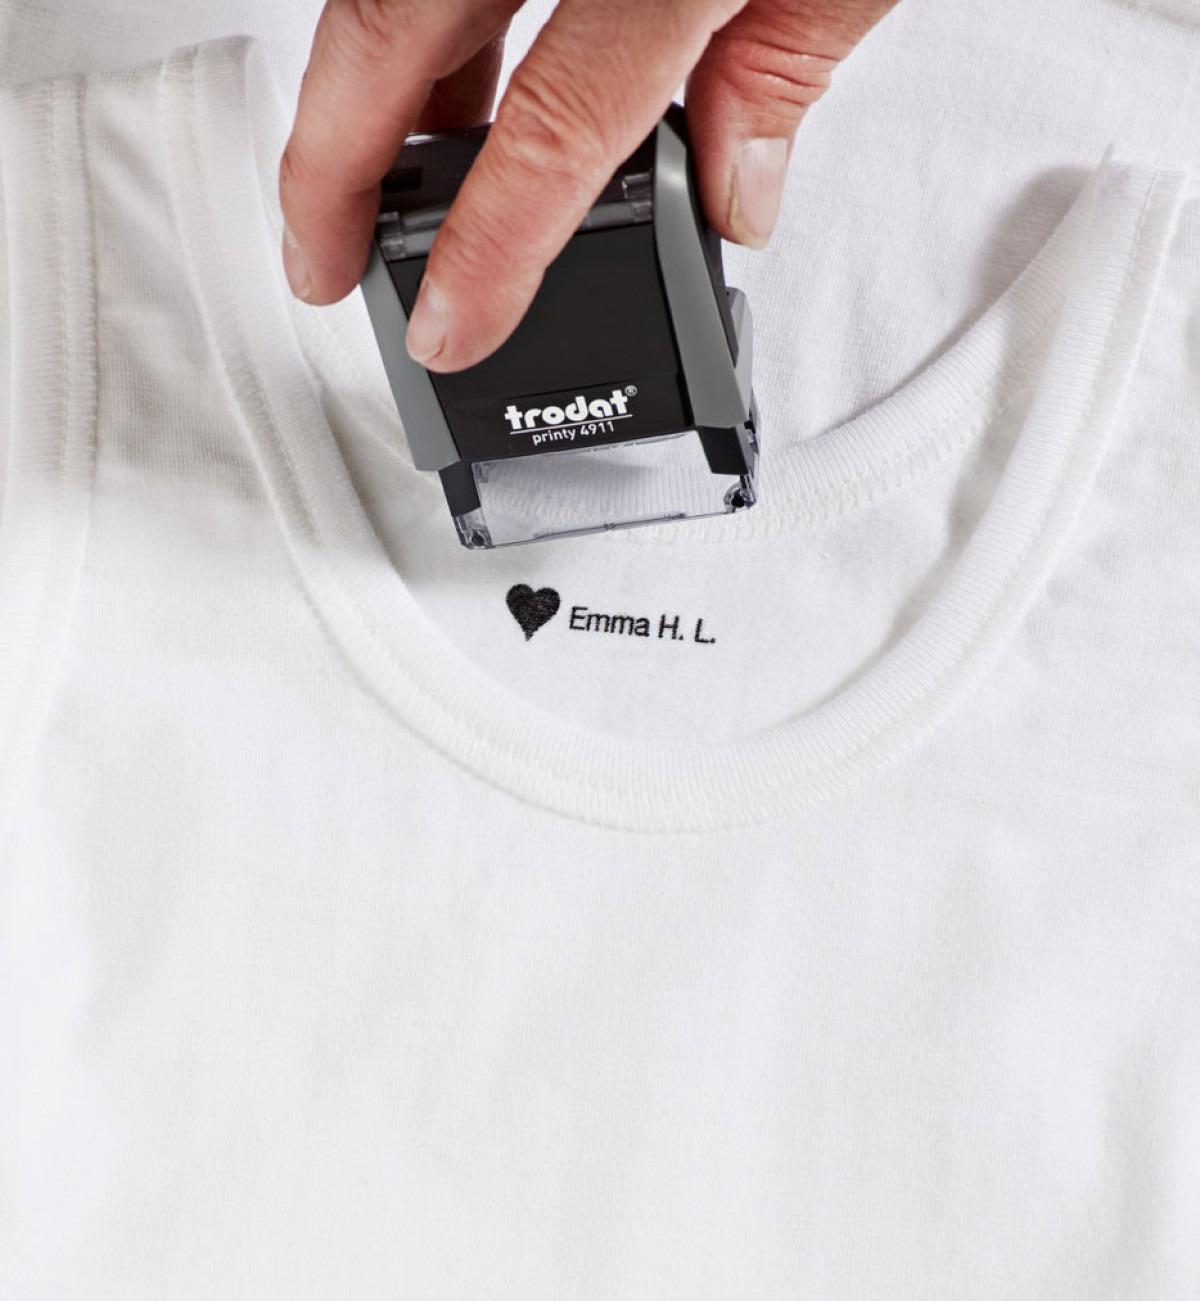 b62c7ed5220 Navnestempel til tøj - Den enkle løsning til opmærkning af tøj